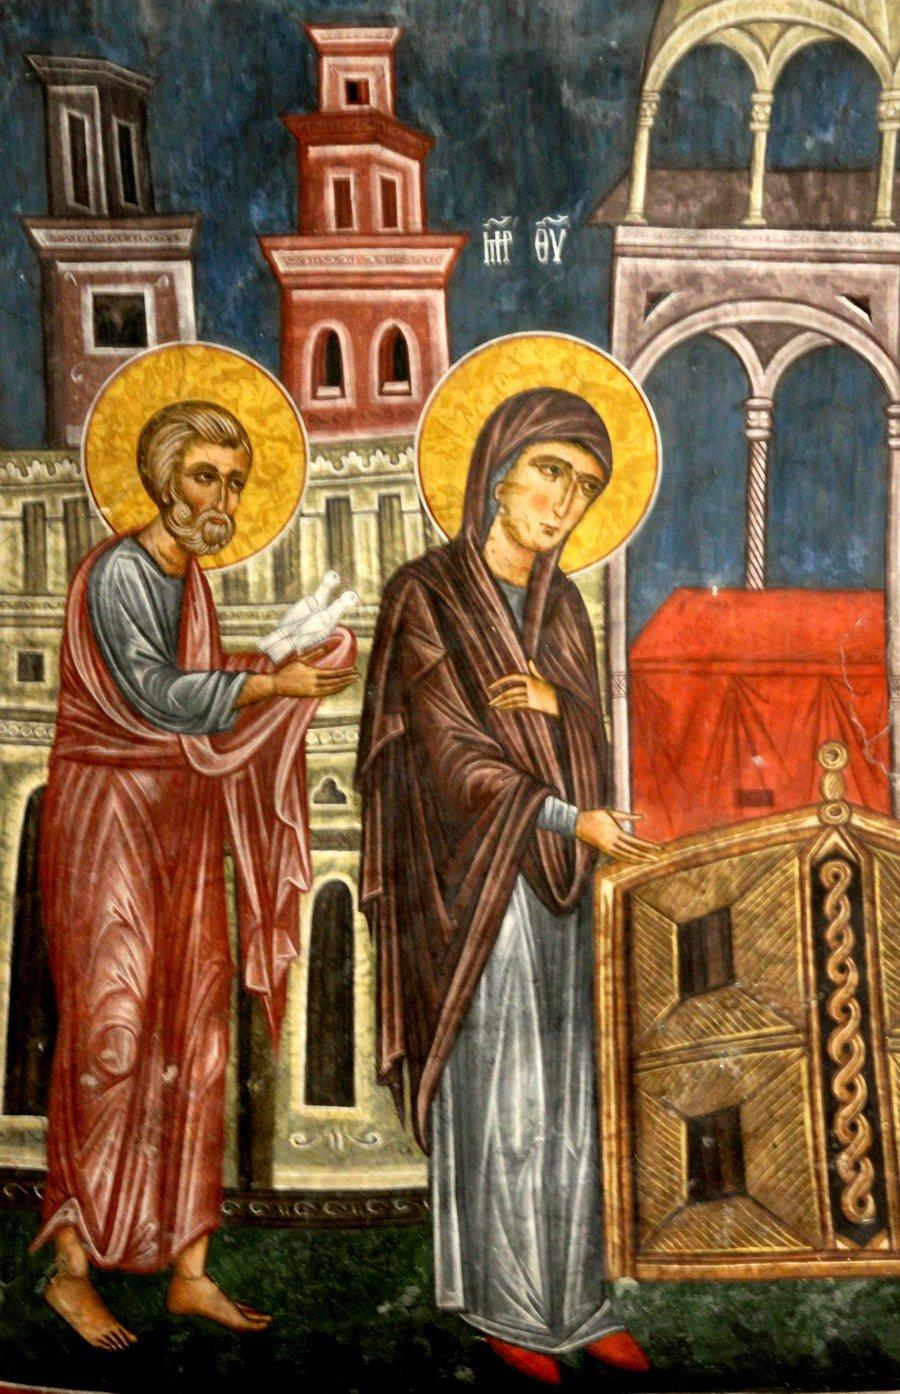 """Сретение Господне. Фреска церкви Святого Николая """"тис стегис"""" (""""под крышей"""") на Кипре. Фрагмент."""